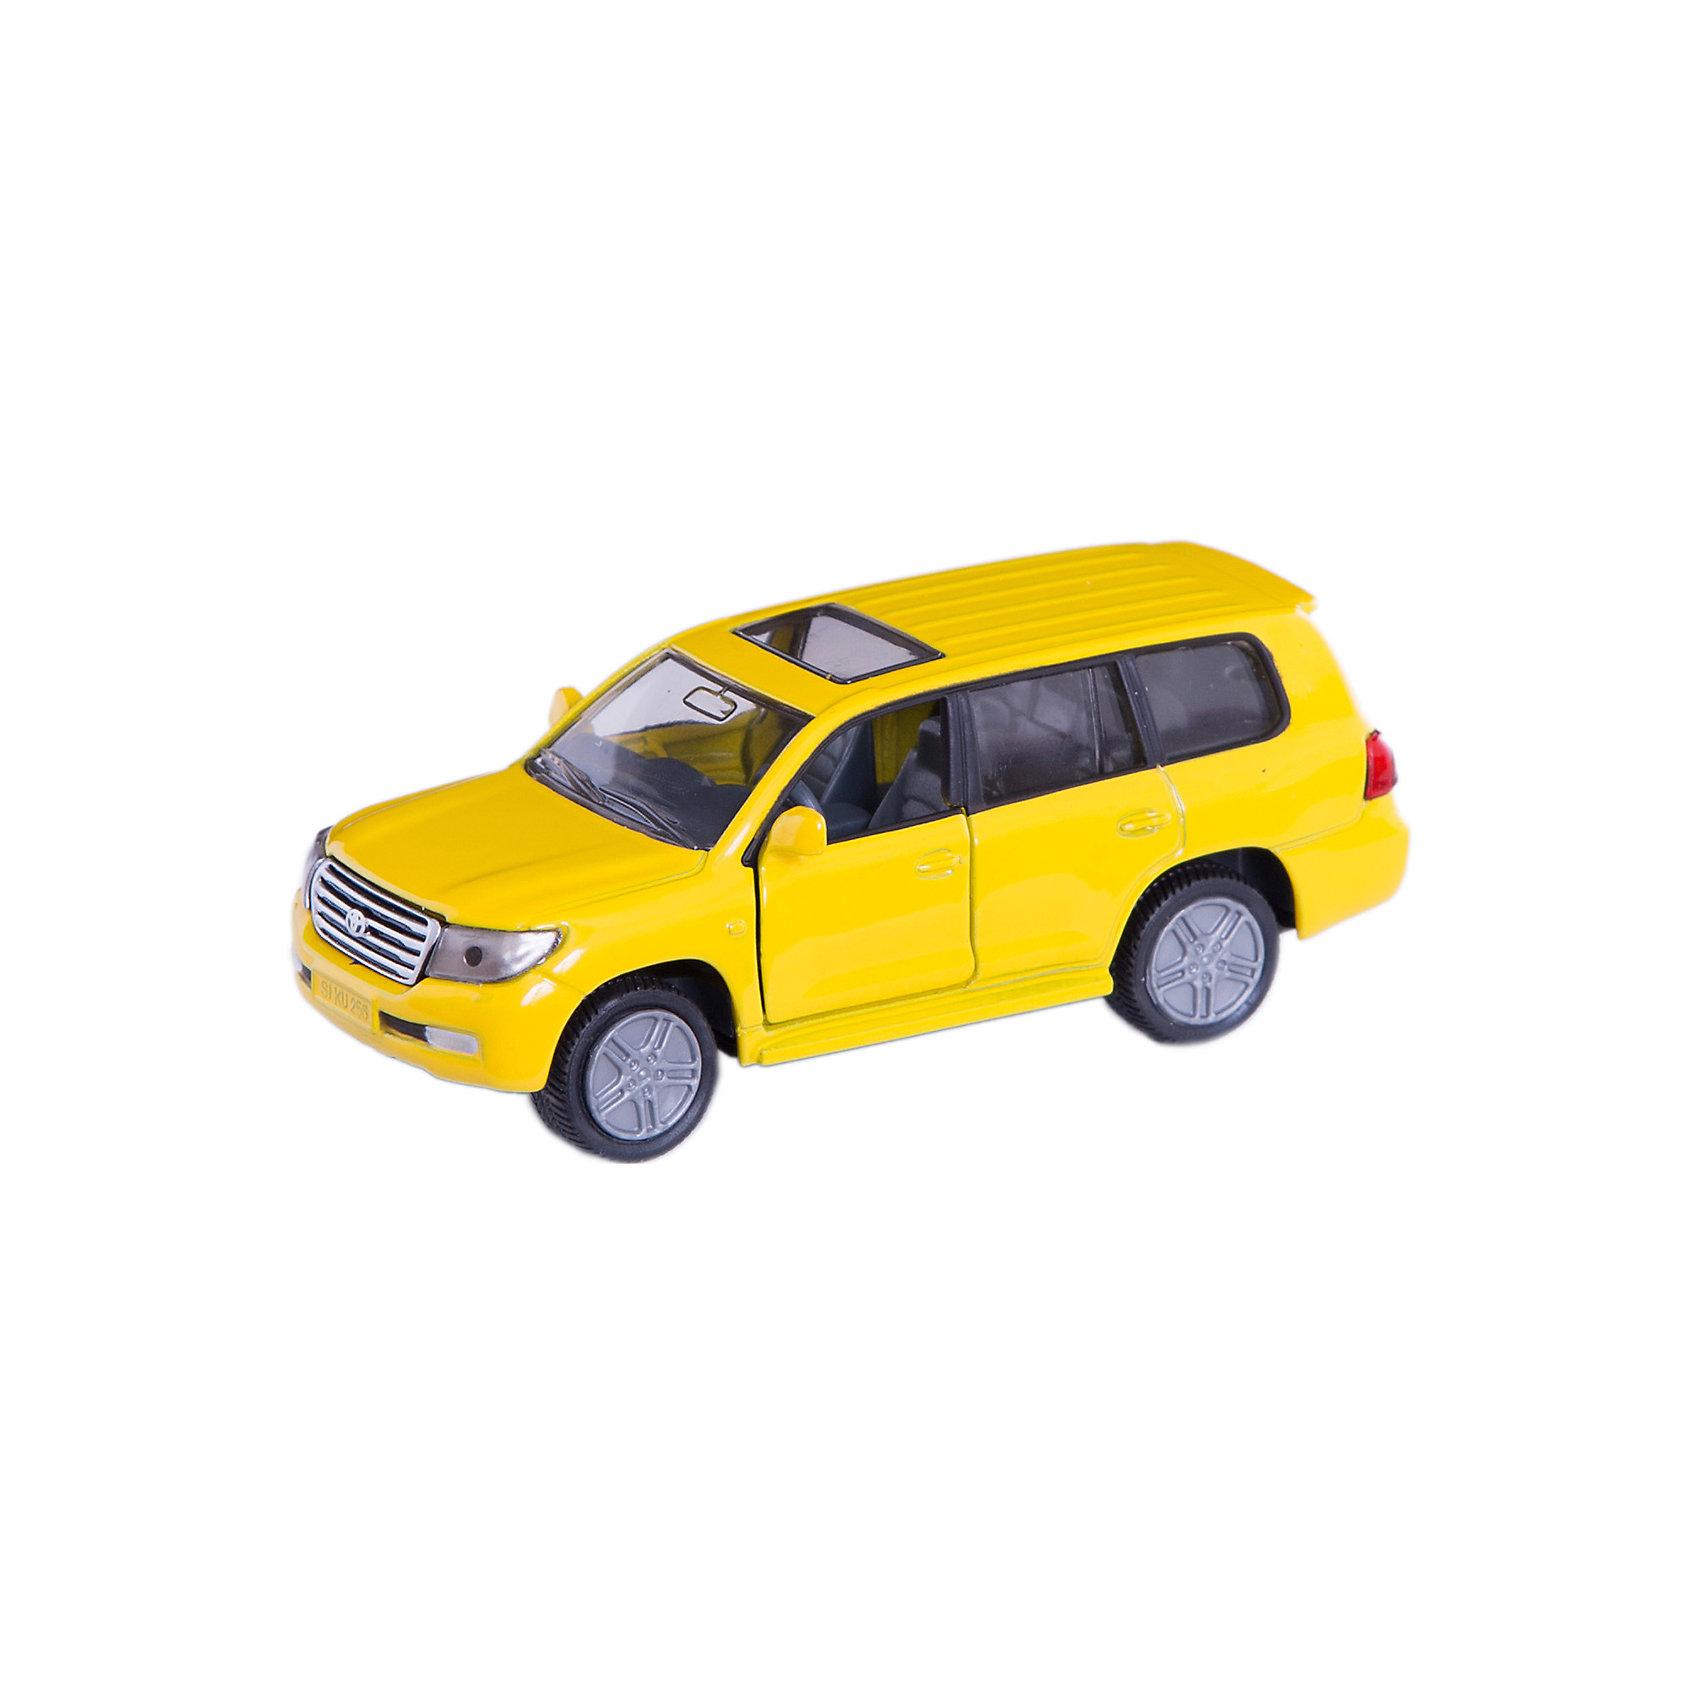 SIKU 1440 Toyota LandcruiserИгрушечная модель SIKU (СИКУ) 1440 Toyota Landcruiser в точности повторяет внешний вид настоящего внедорожника, имеющего успех по всему миру, начиная с 1950 года.<br><br>Сильный Landcruiser поражает мощными формами металлического кузова. Корпус внедорожника выполнен из металла, лобовое и заднее стёкла из прозрачной тонированной пластмассы, передние двери открываются, колёса выполнены из резины и вращаются, можно катать.<br><br>Дополнительная информация:<br>-Материал: металл, пластиковые элементы <br>-Размер игрушки: 9,0 x 4,0 x 3,3 см<br>-Масштаб  1:50<br>-Цвета в ассортименте (заранее выбрать невозможно)<br><br>Эта модель, оснащенная открывающимися дверями и большими колесами с резиновыми протекторами, идеально дополняет серию внедорожников фирмы SIKU (СИКУ).<br><br>SIKU (СИКУ) 1440 Toyota Landcruiser можно купить в нашем магазине.<br><br>Ширина мм: 77<br>Глубина мм: 98<br>Высота мм: 38<br>Вес г: 76<br>Возраст от месяцев: 36<br>Возраст до месяцев: 96<br>Пол: Мужской<br>Возраст: Детский<br>SKU: 1851904